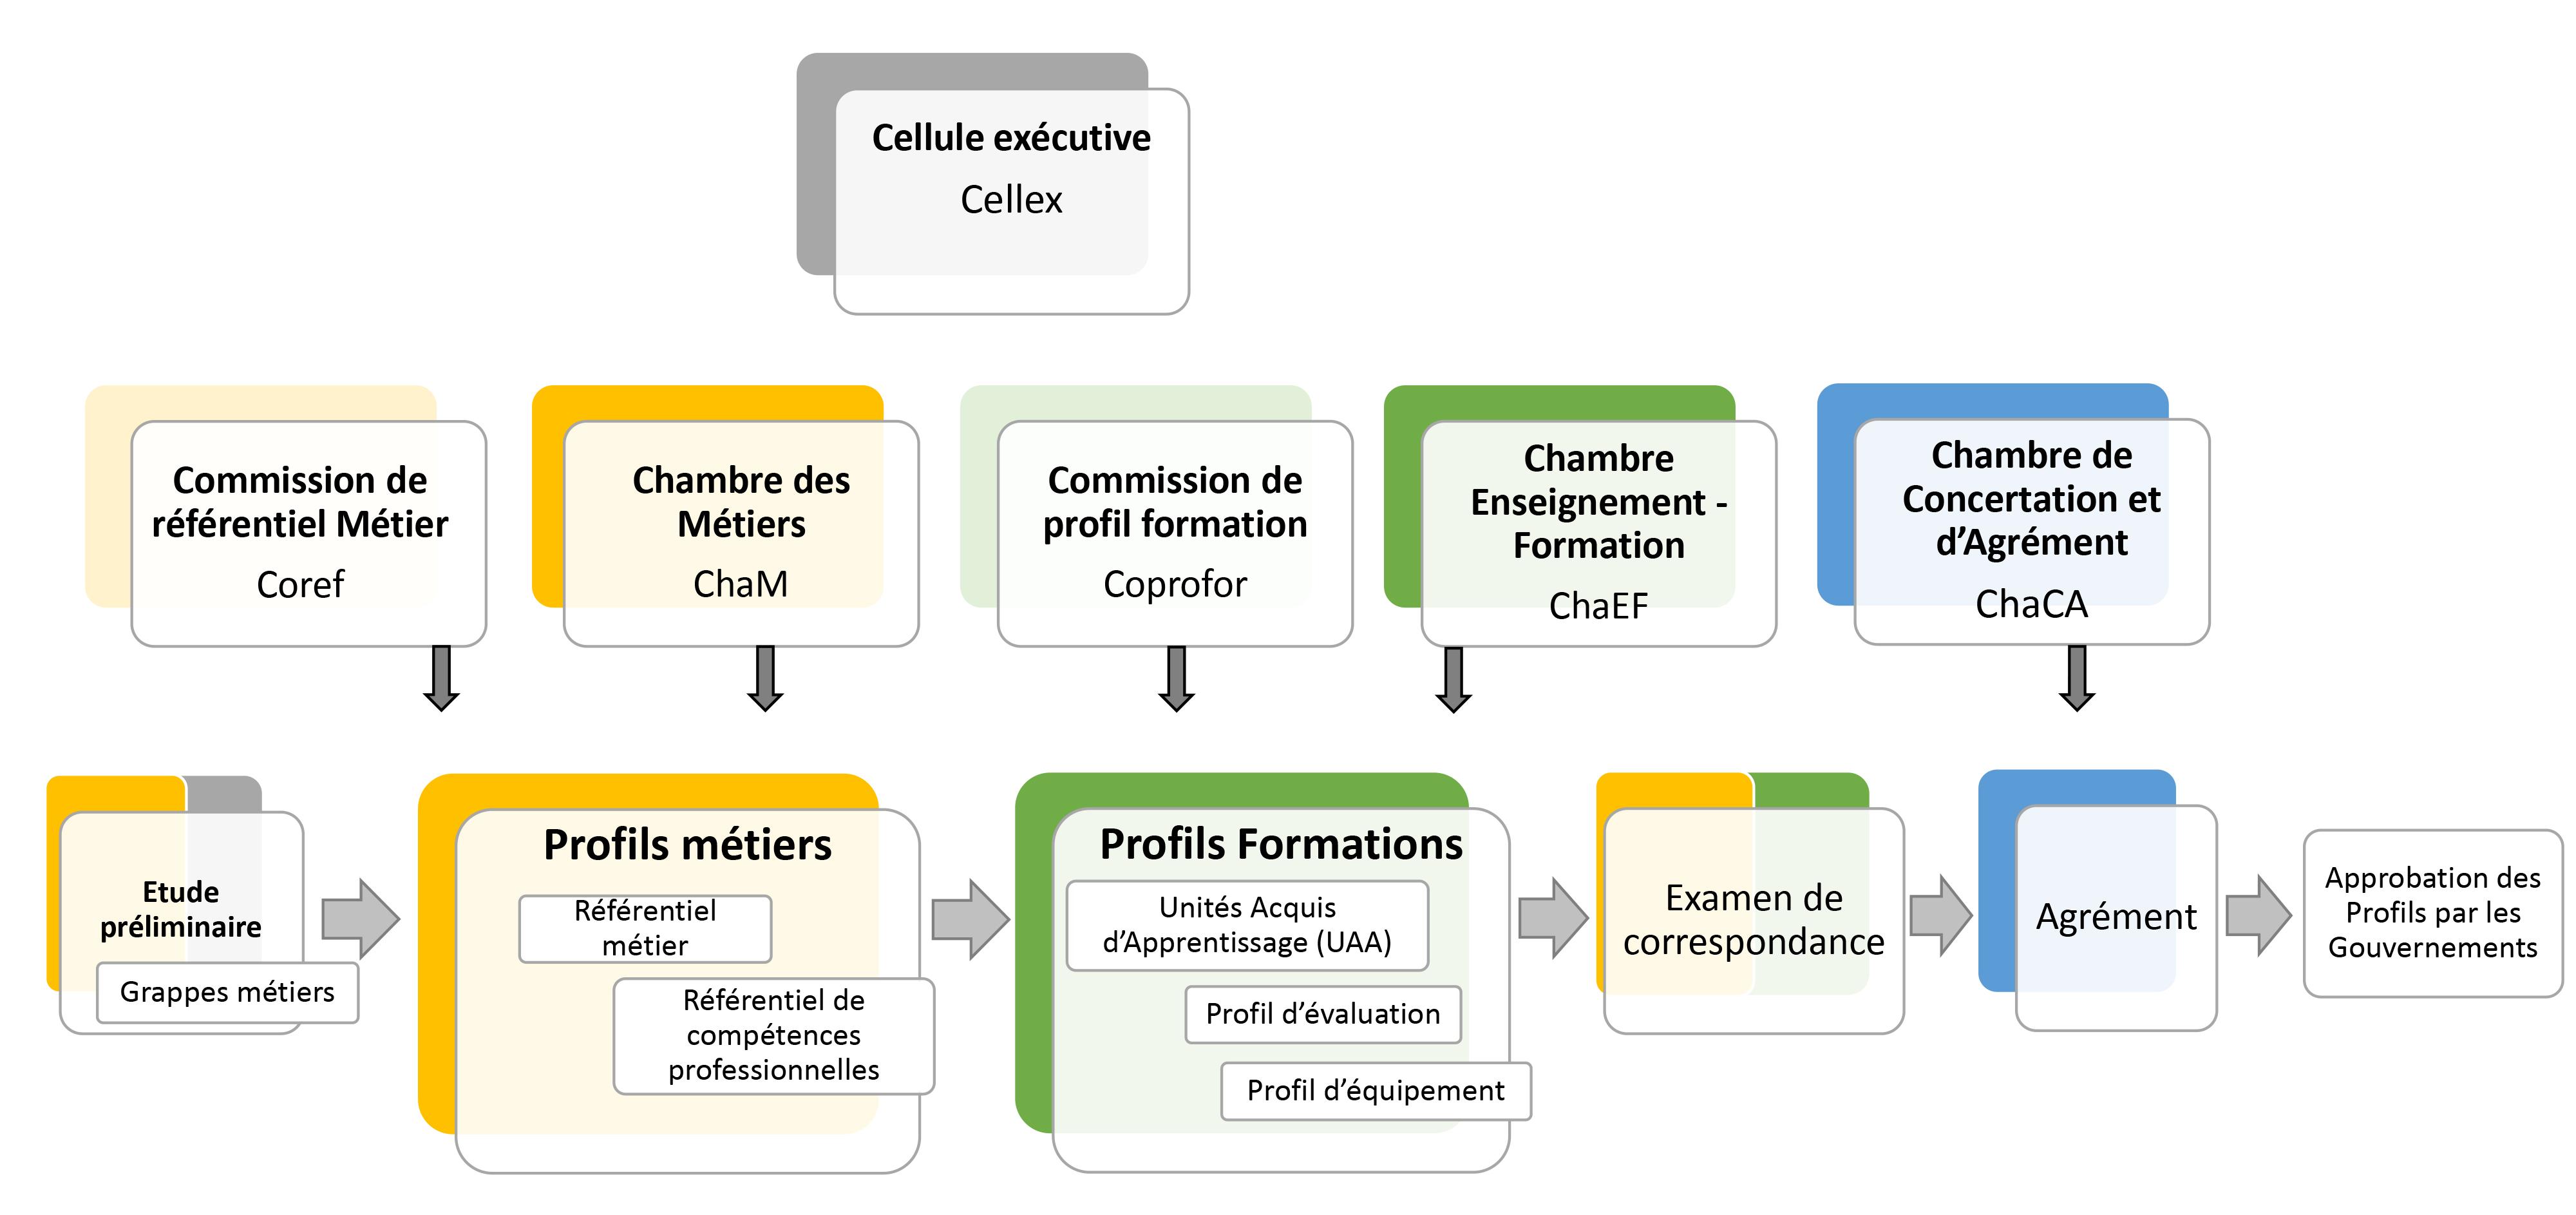 processus de travail SFMQ illustré